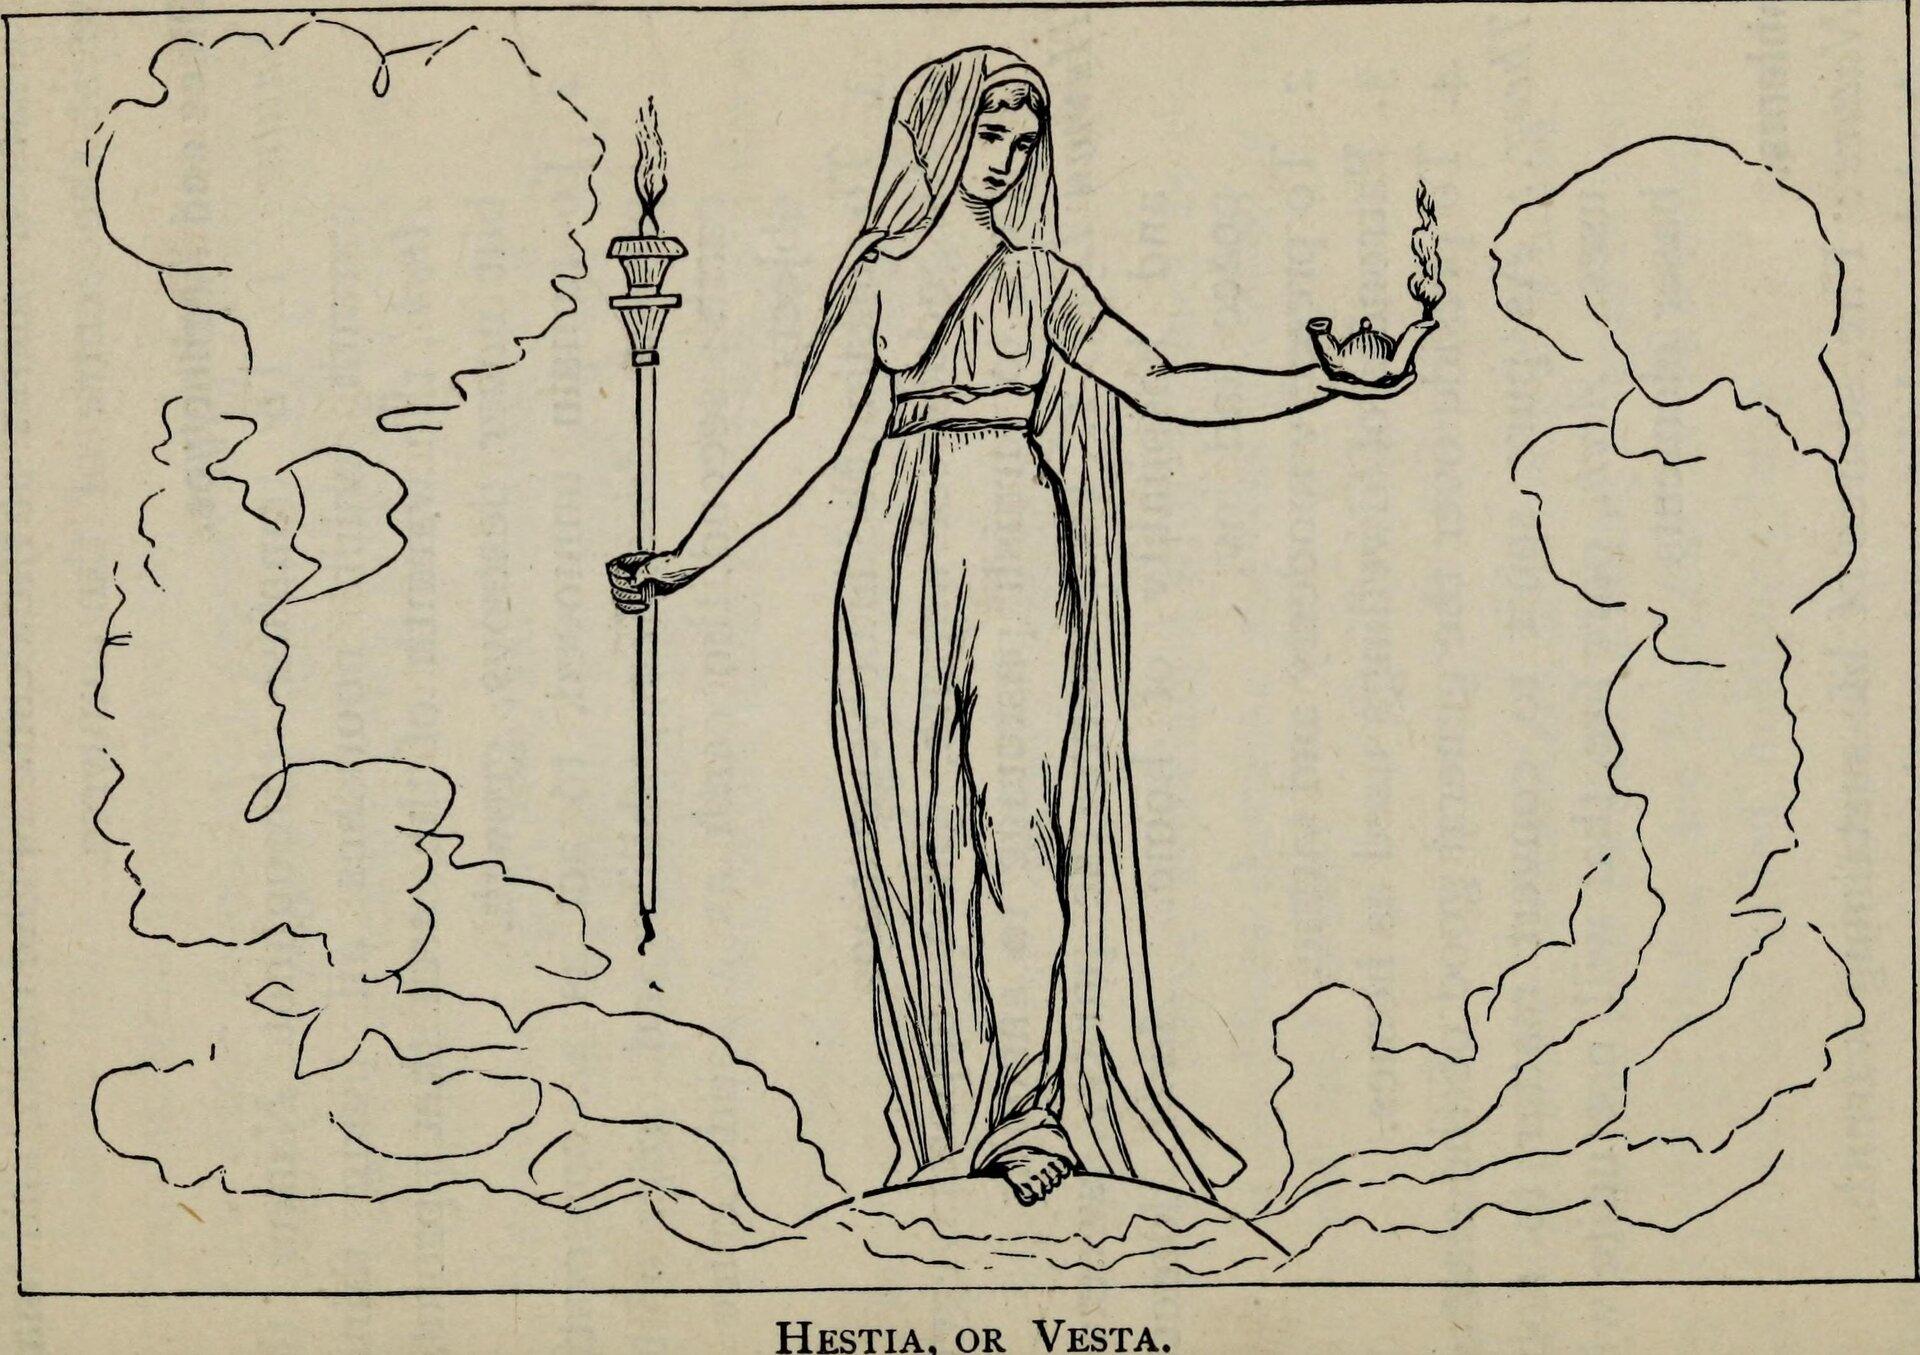 Ilustracja przedstawia ilustrację zksiążki Sarah Amelia Scull pt. Hestia lub Westa. Szczupła kobieta, która trzyma wprawej ręce pochodnię, natomiast wlewej dzban, zktórego leci para. Kobieta ubrana jest wdługą szatę, ma nagą pierś.